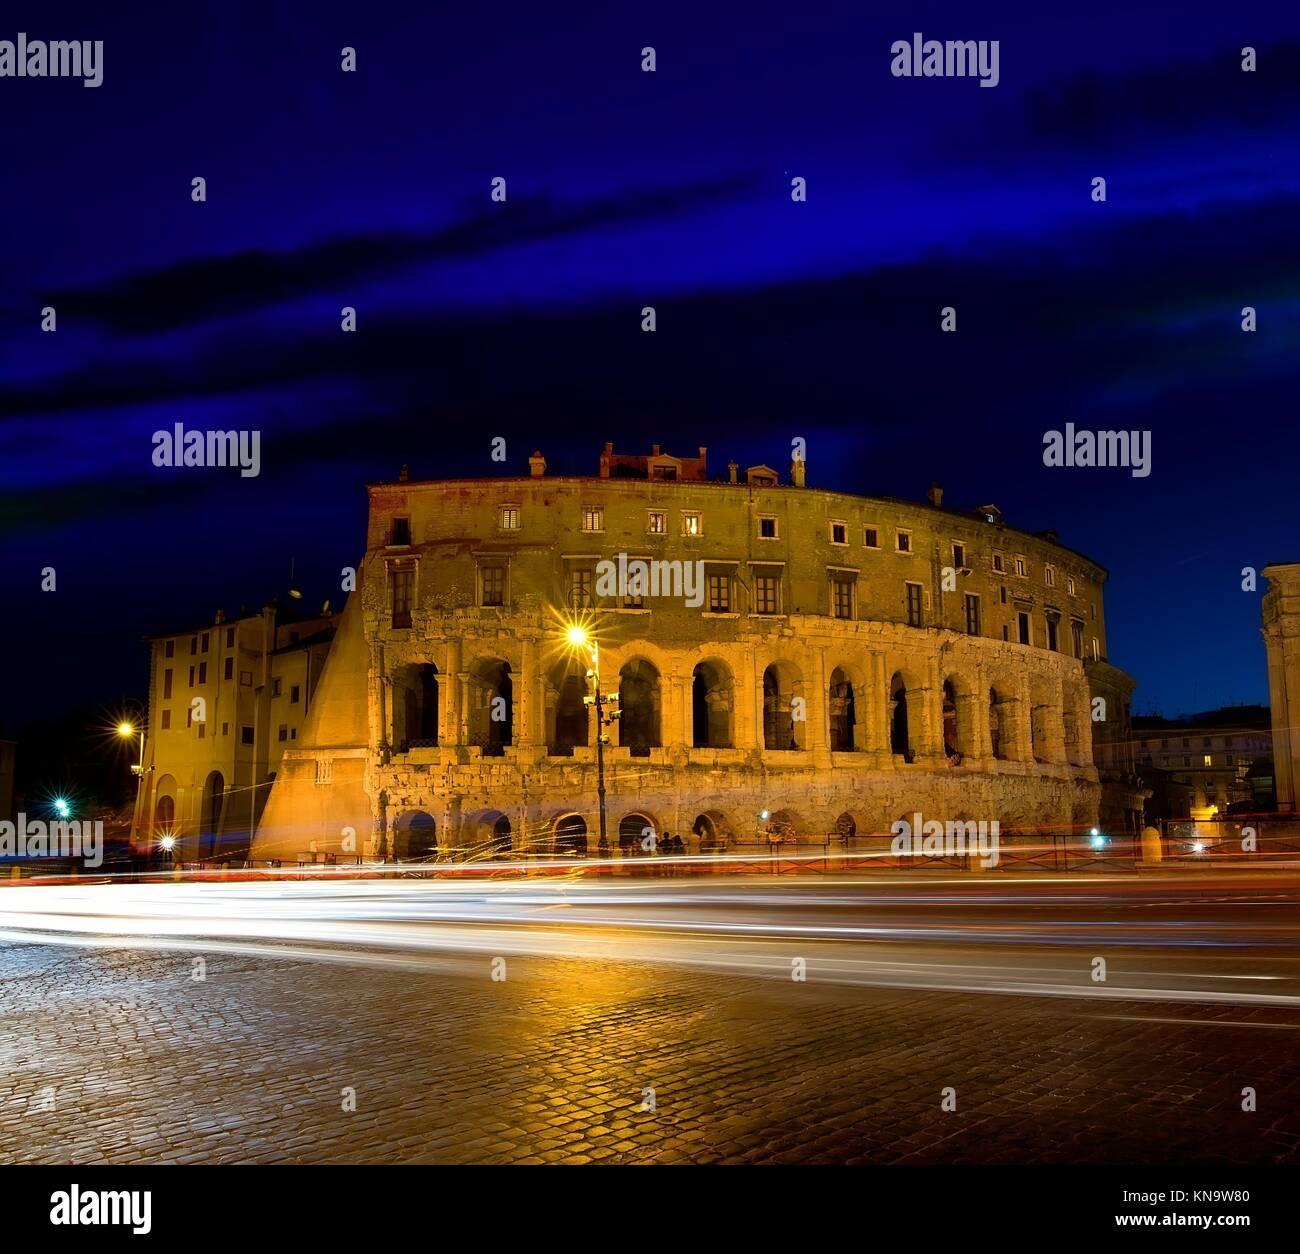 Majestic Colisée à Rome, au crépuscule, en Italie. Photo Stock